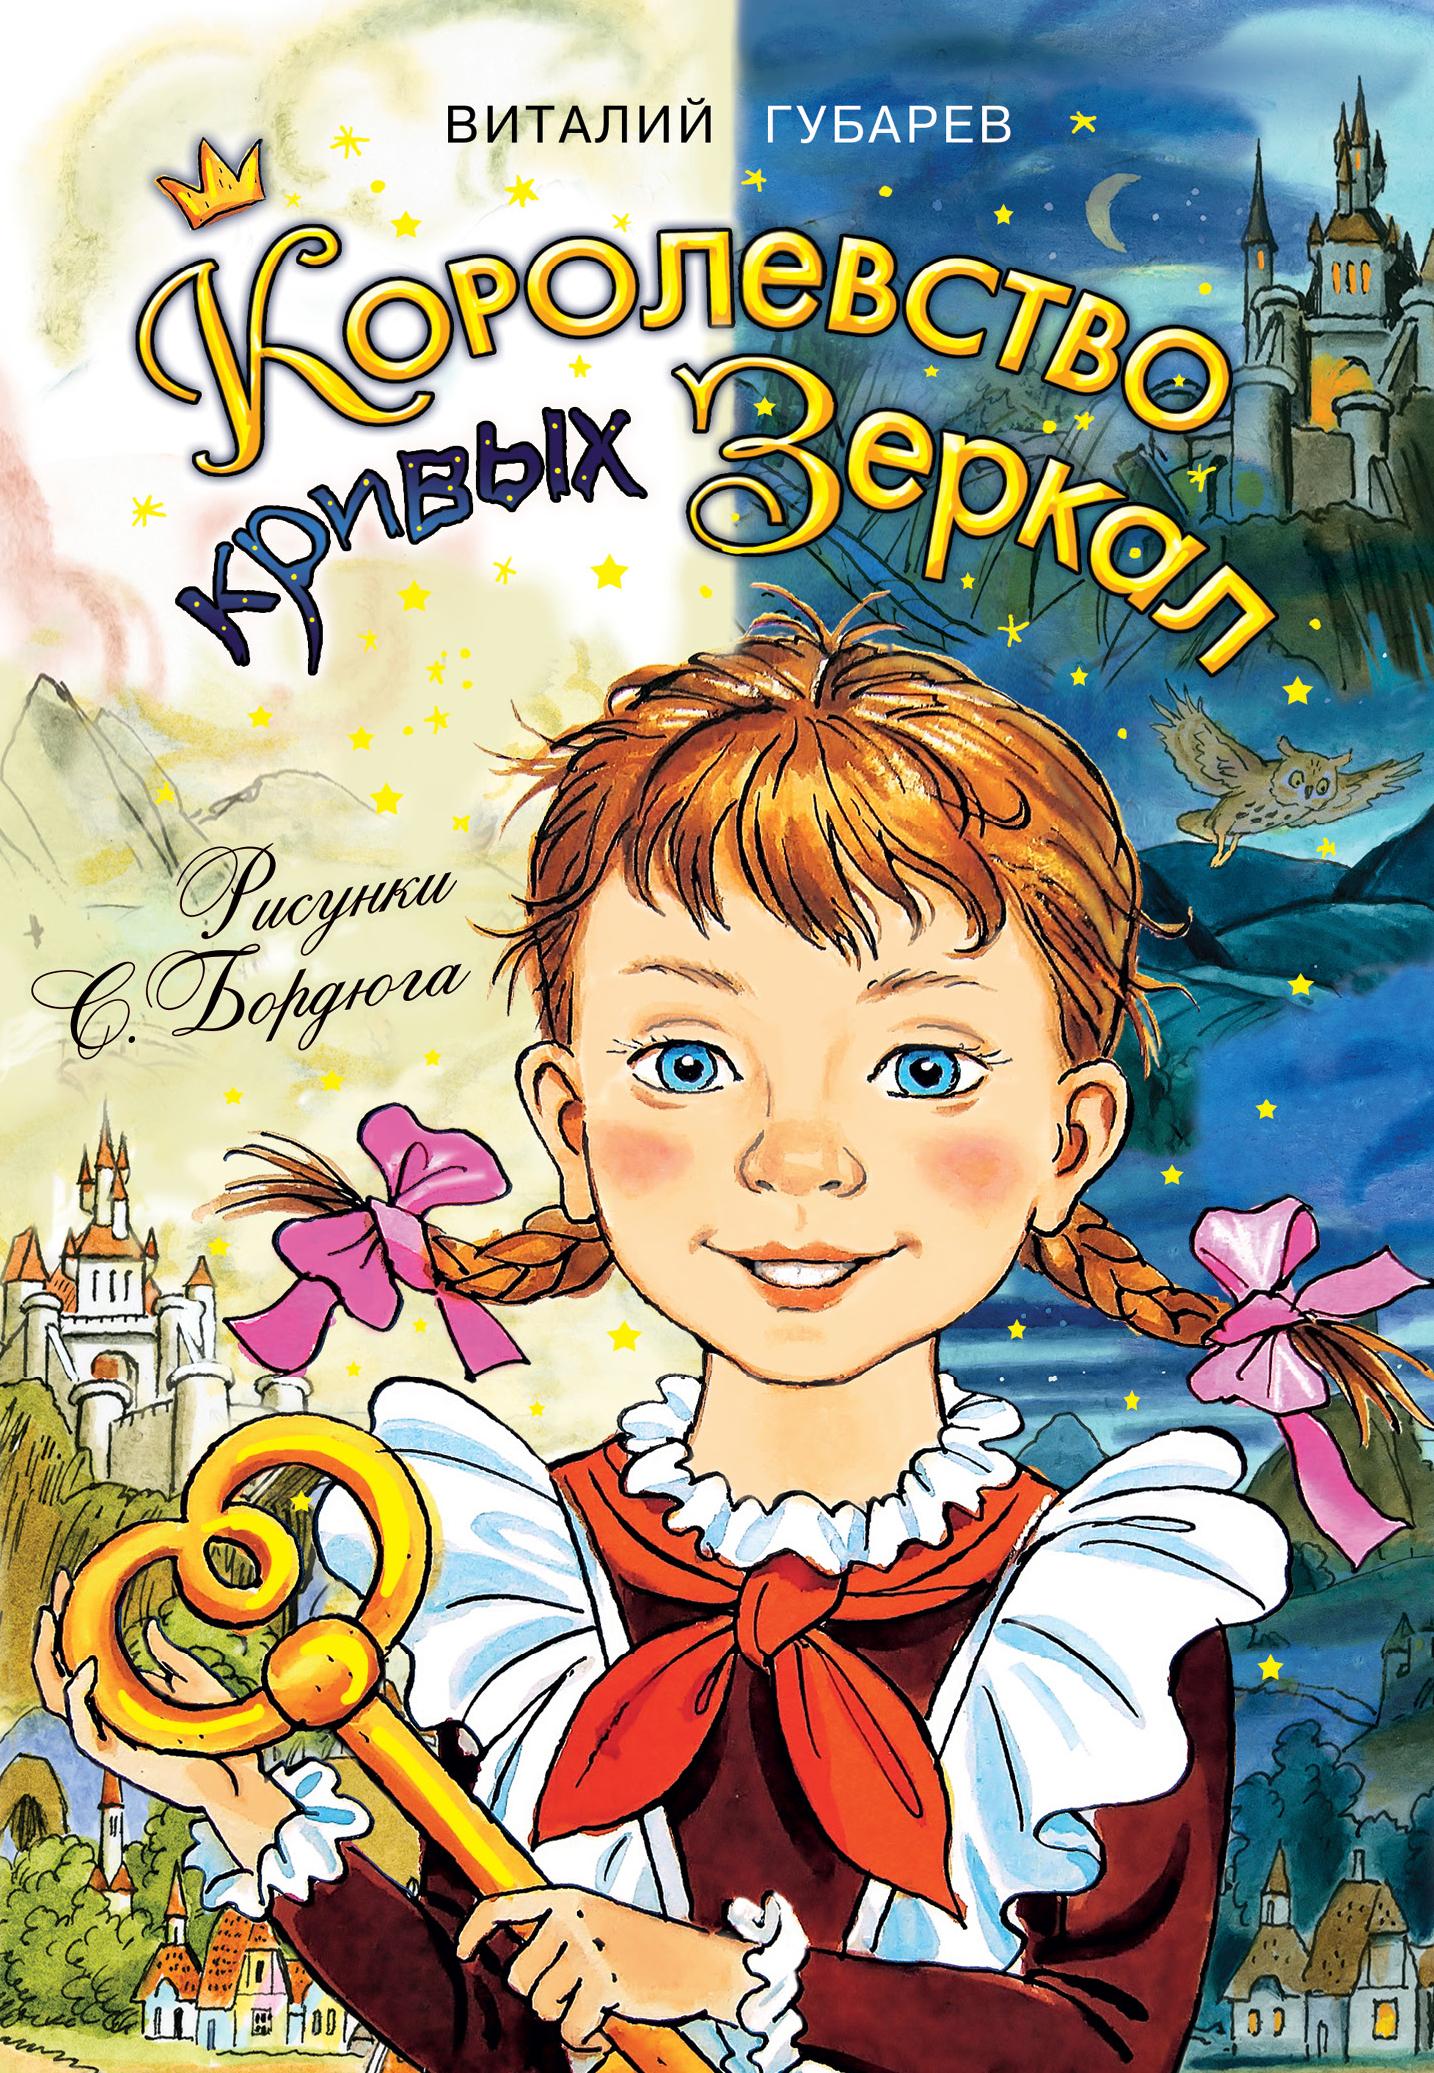 Скачать бесплатно книгу губарев королевство кривых зеркал